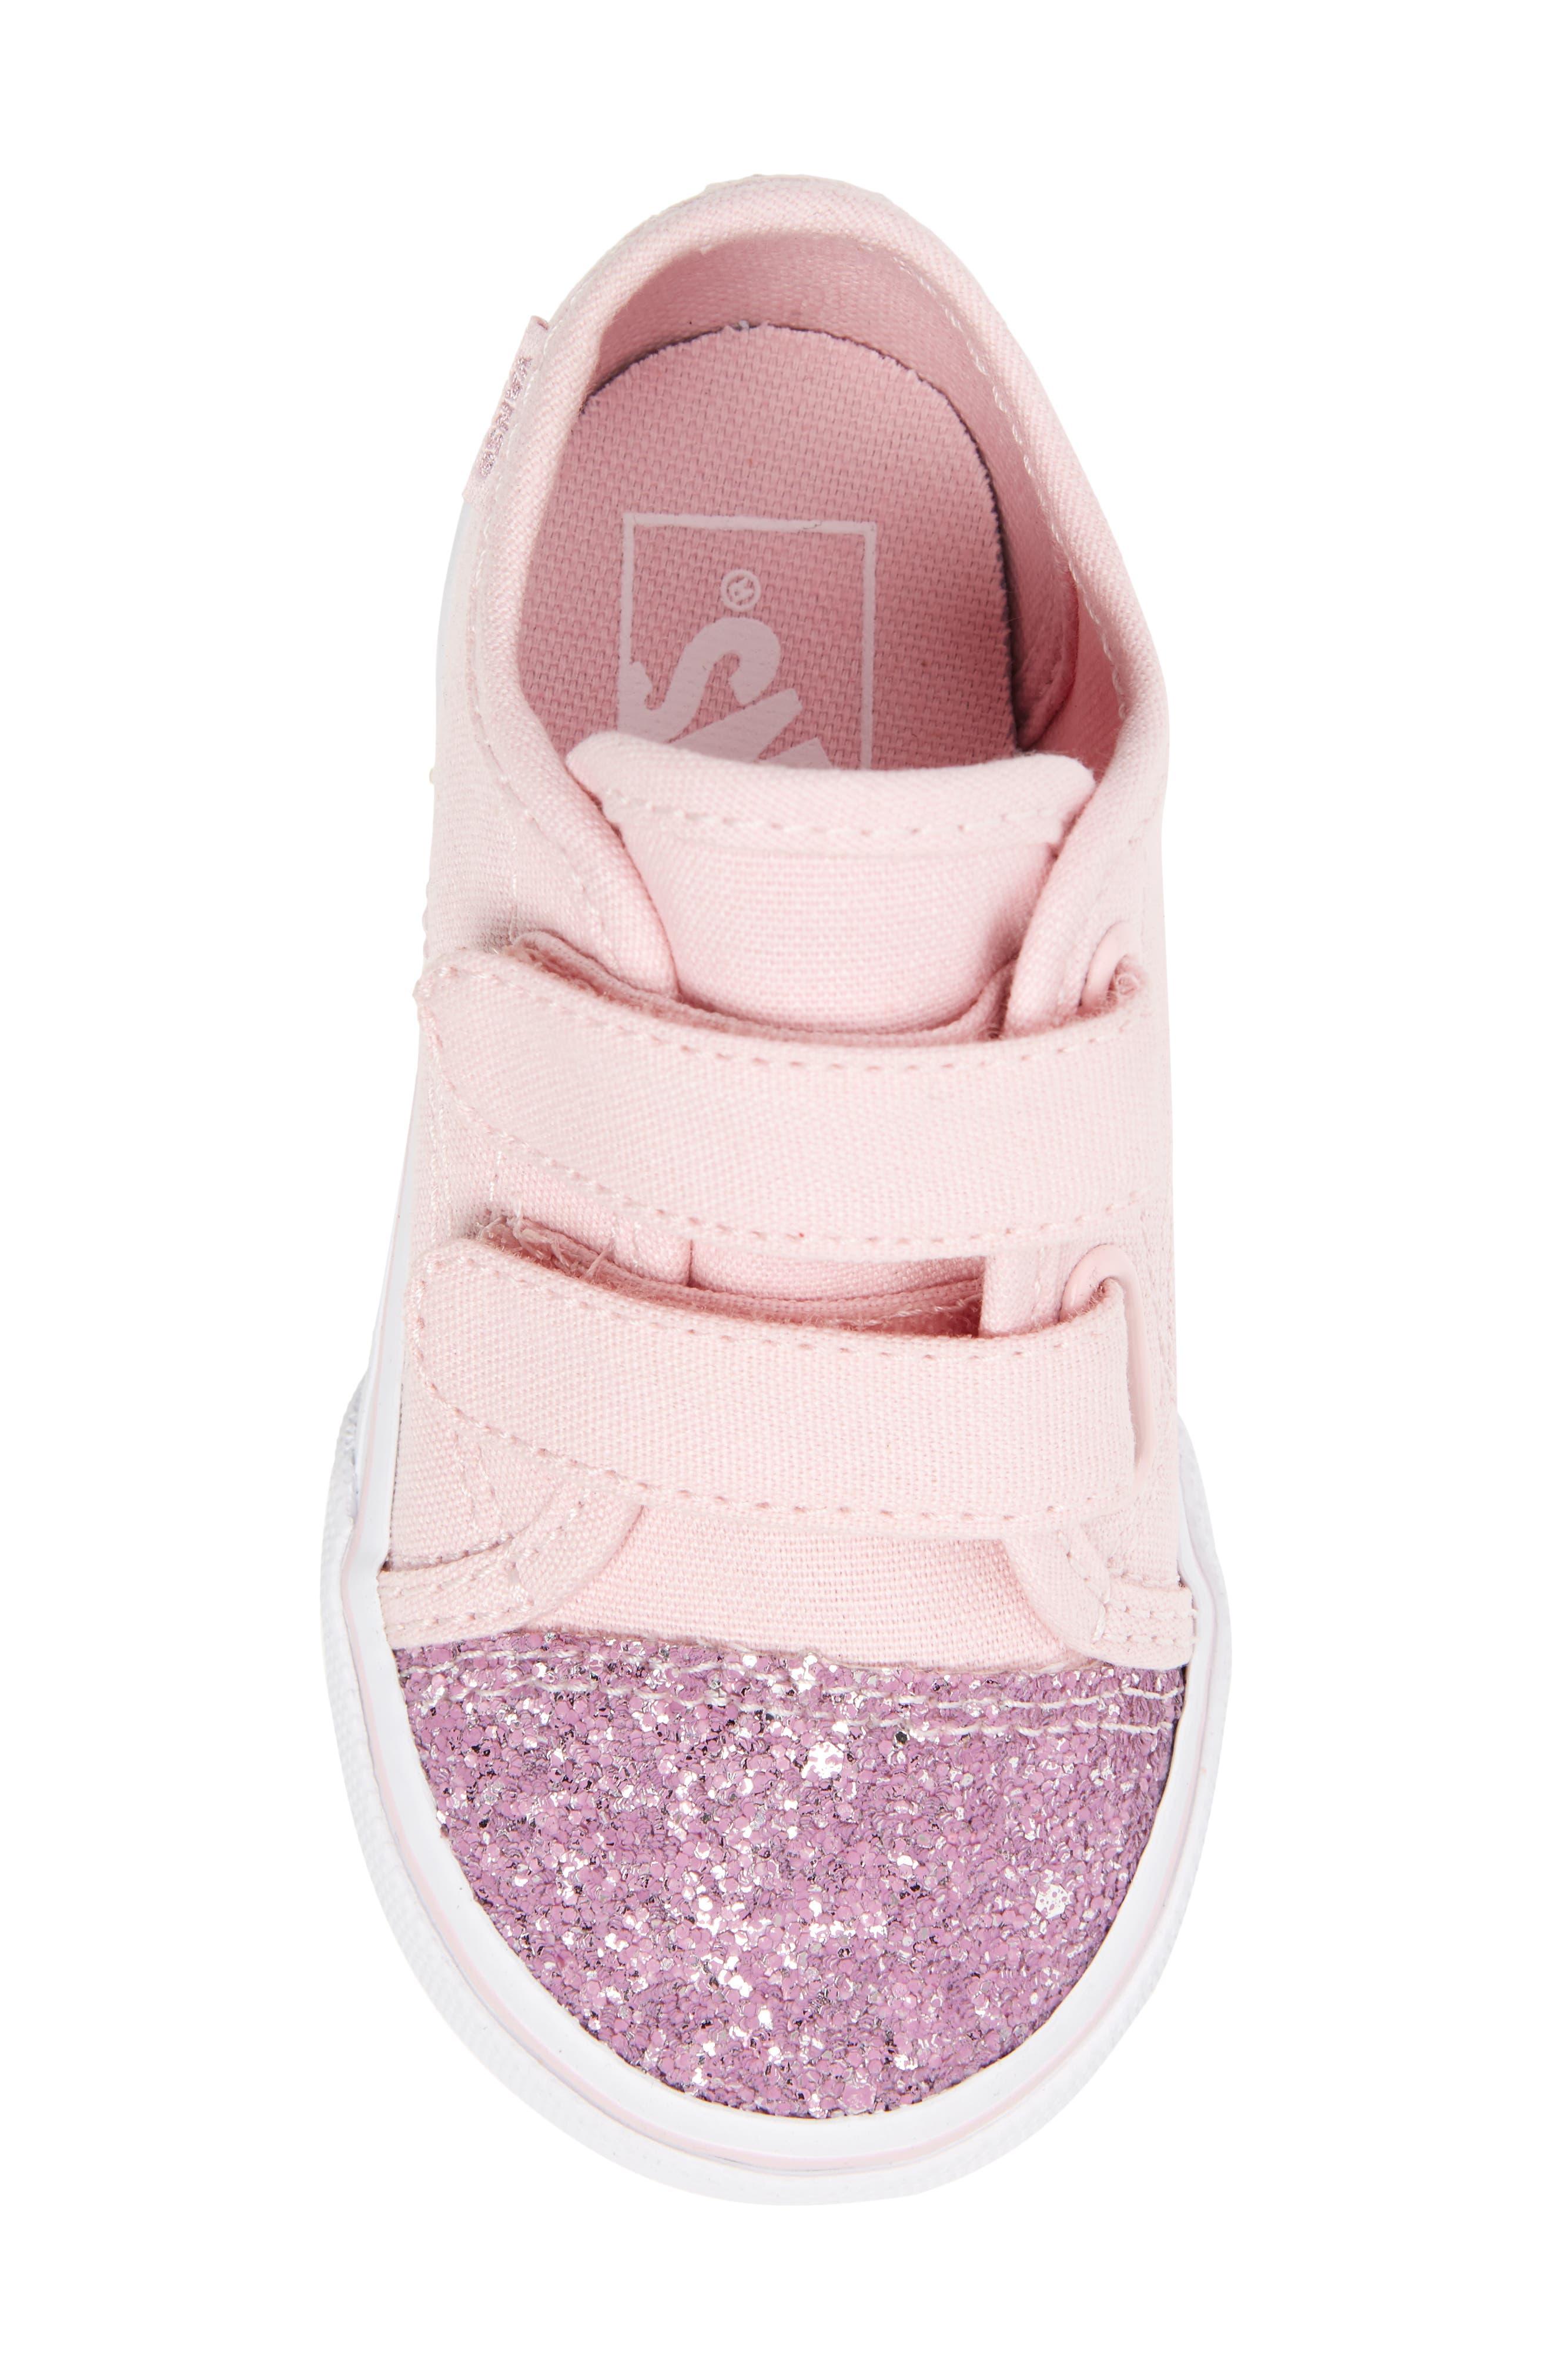 Glitter Toe Style 23 V Sneaker,                             Alternate thumbnail 5, color,                             Glitter Chalk Pink/ True White